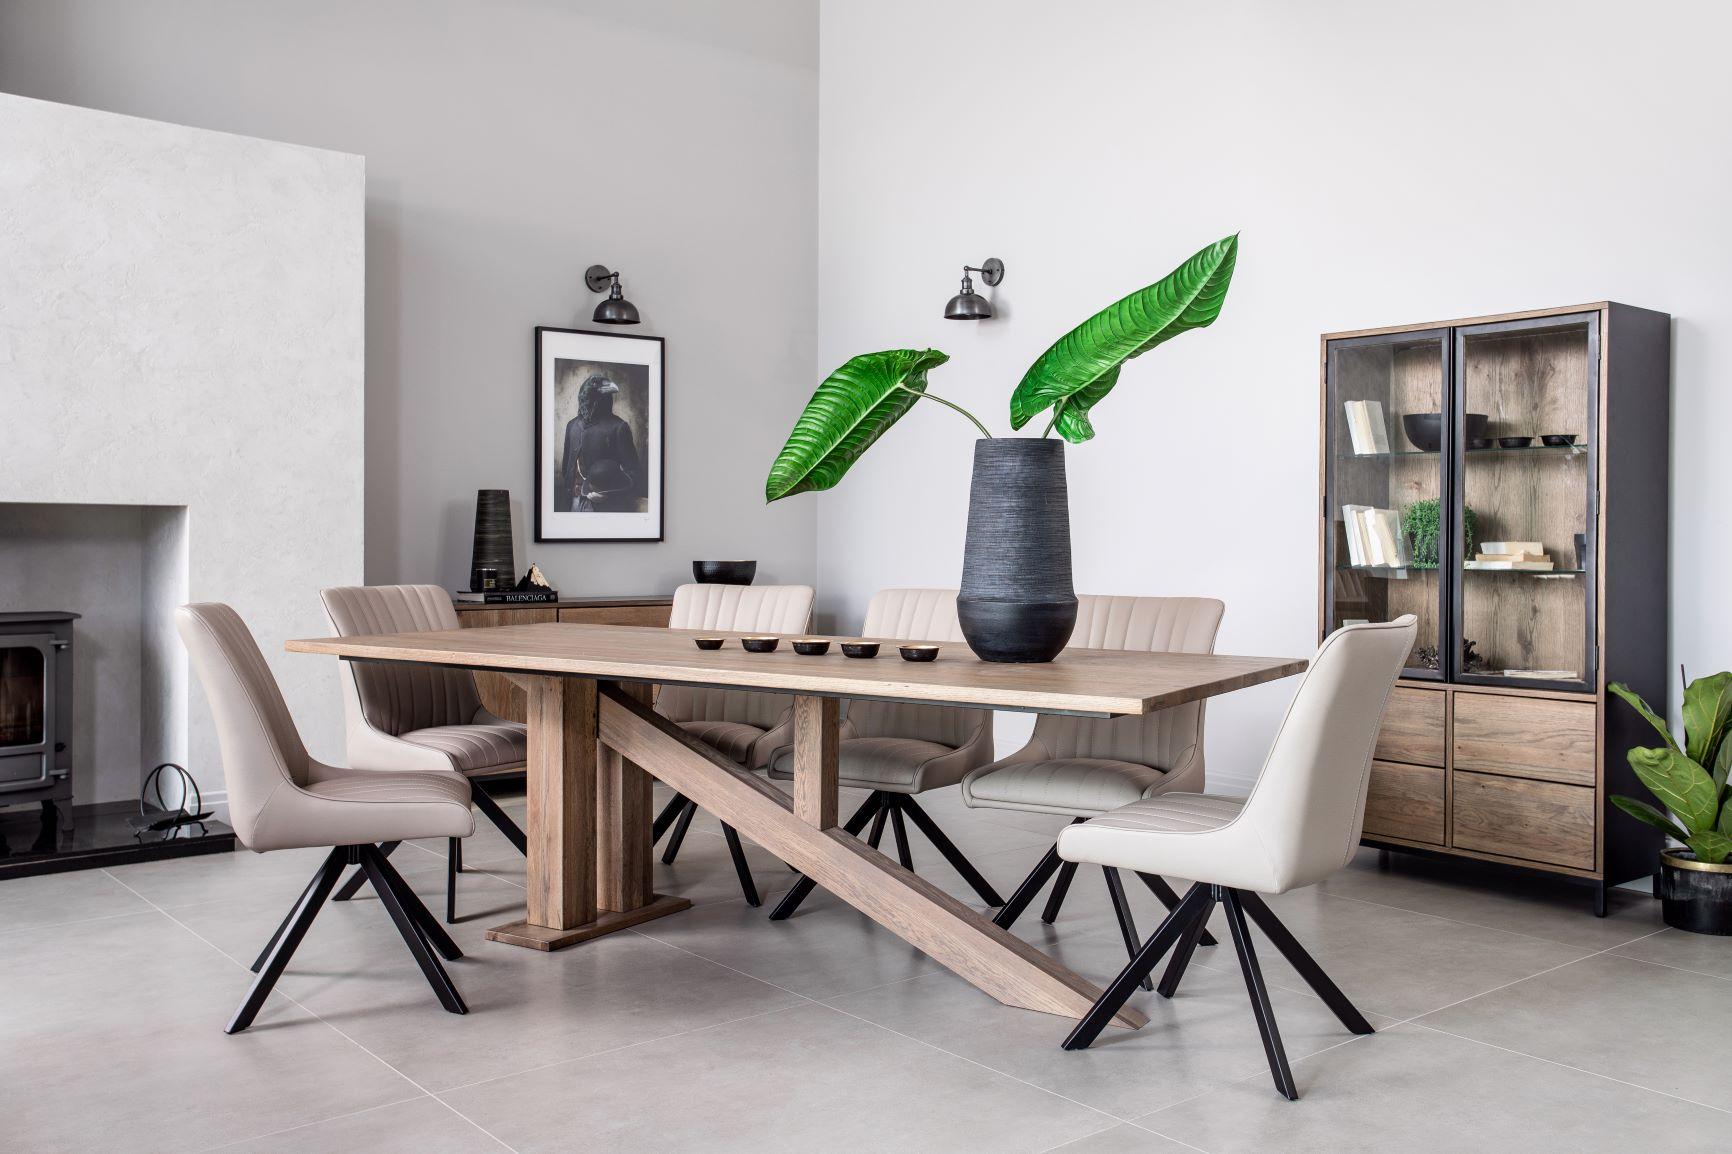 CARTER LARGE DINING TABLE - L240cm x D100cm x H77cm